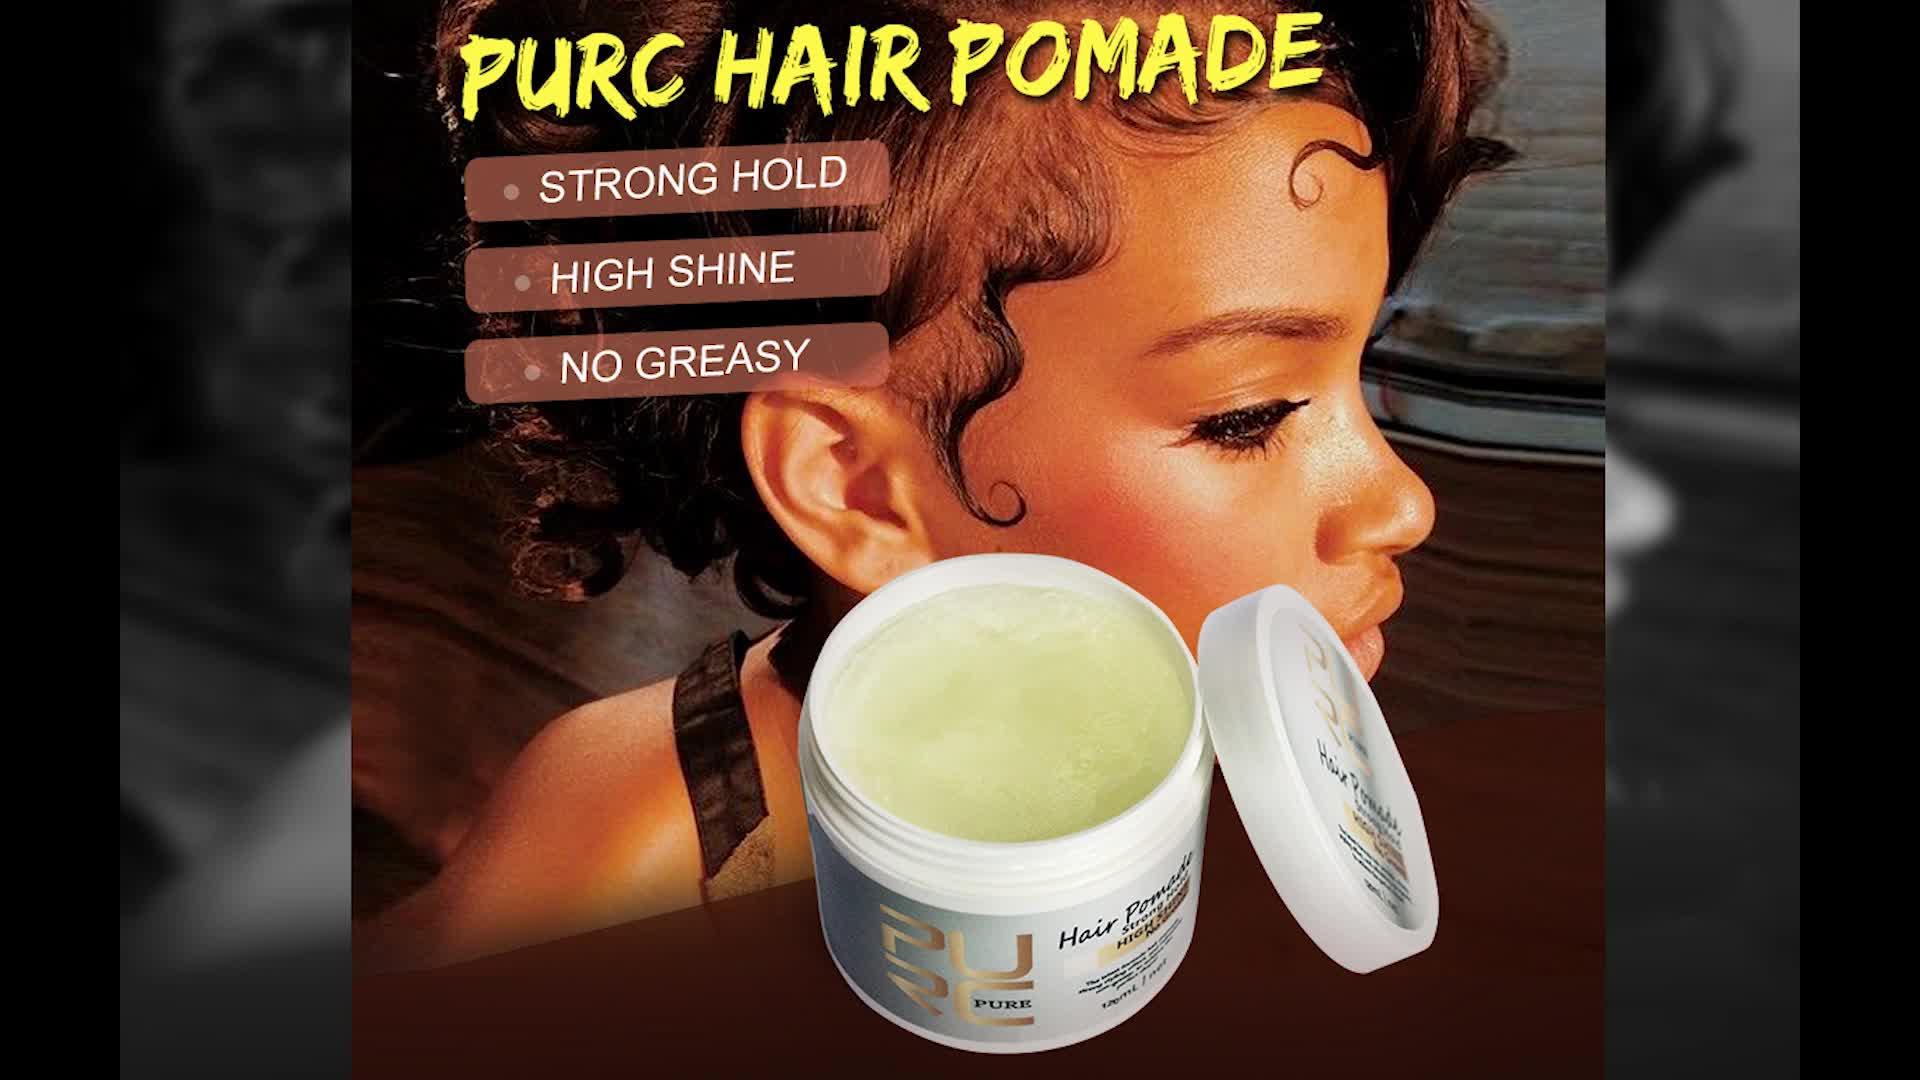 العلامة الخاصة 48 ساعة قوية عقد التصفيف الطبيعي شمع للشعر تامر لا رقائق للغاية حافة الشعر دهن العلامة الخاصة